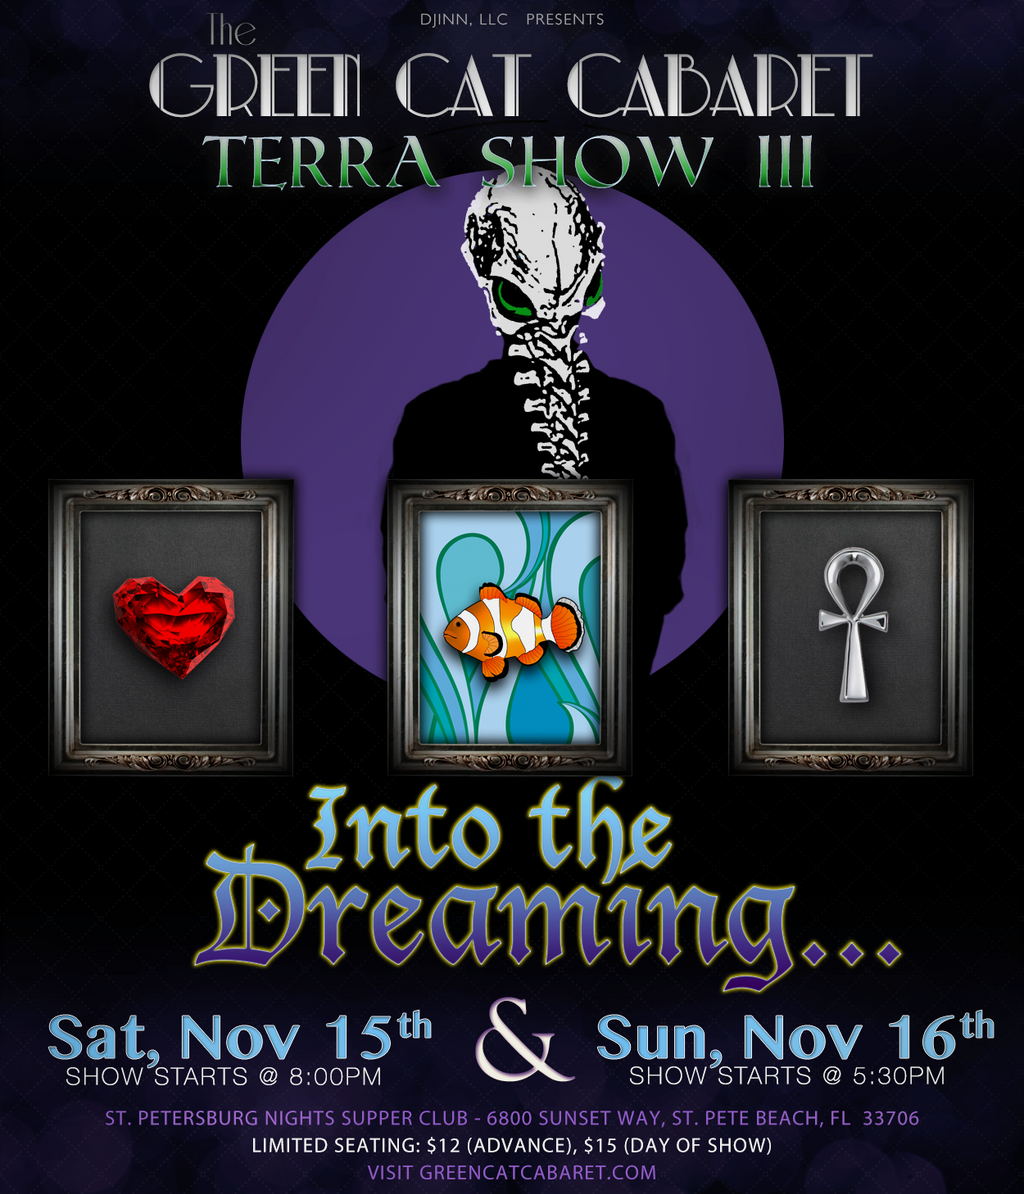 Green Cat Cabaret: Terra Show III by jademacalla